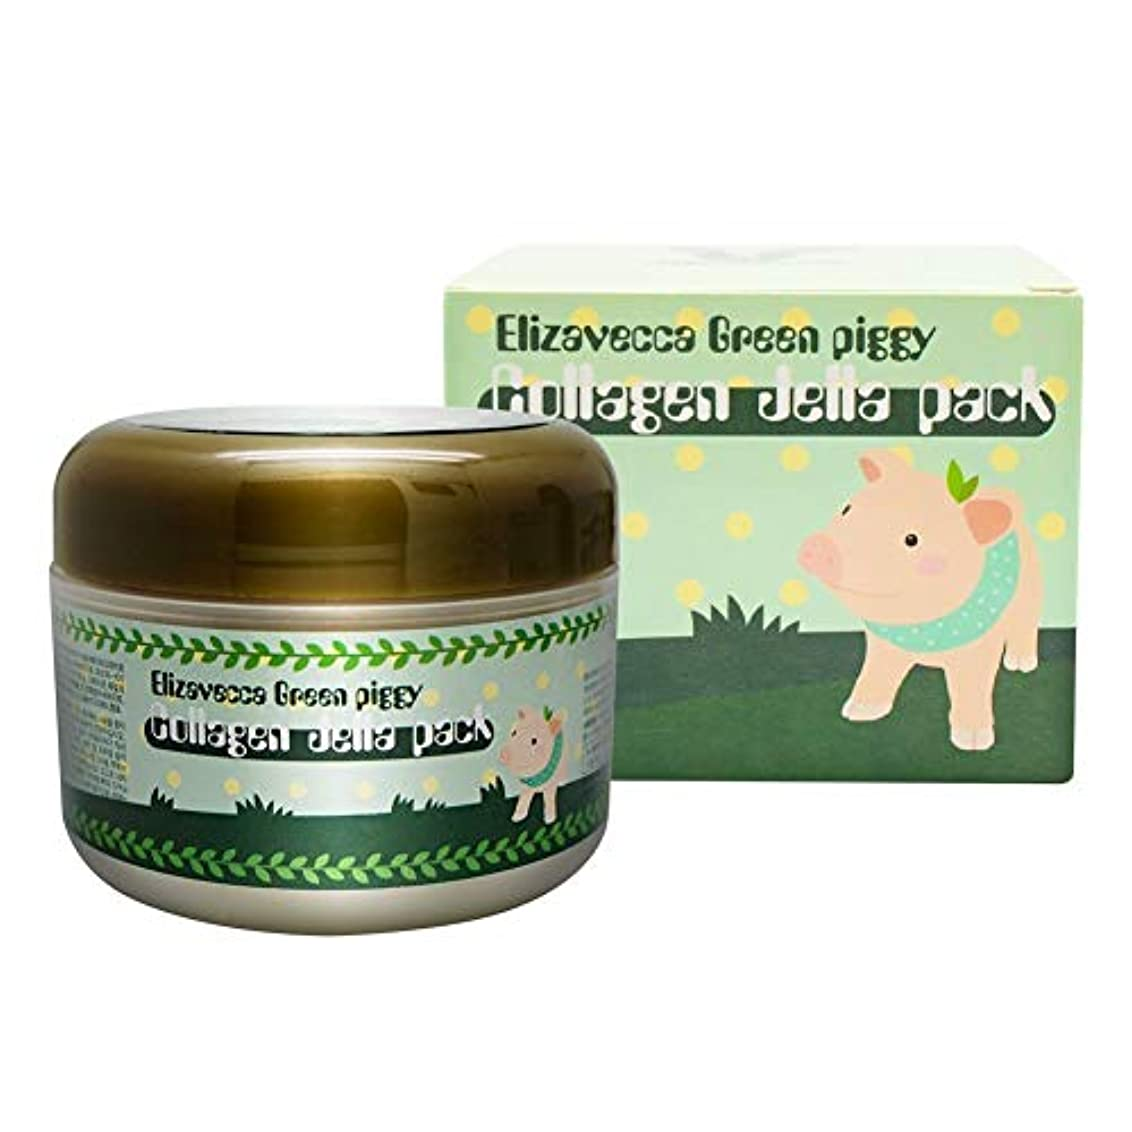 同行食べる無力Elizavecca Green Piggy Collagen Jella Pack pig mask 100g